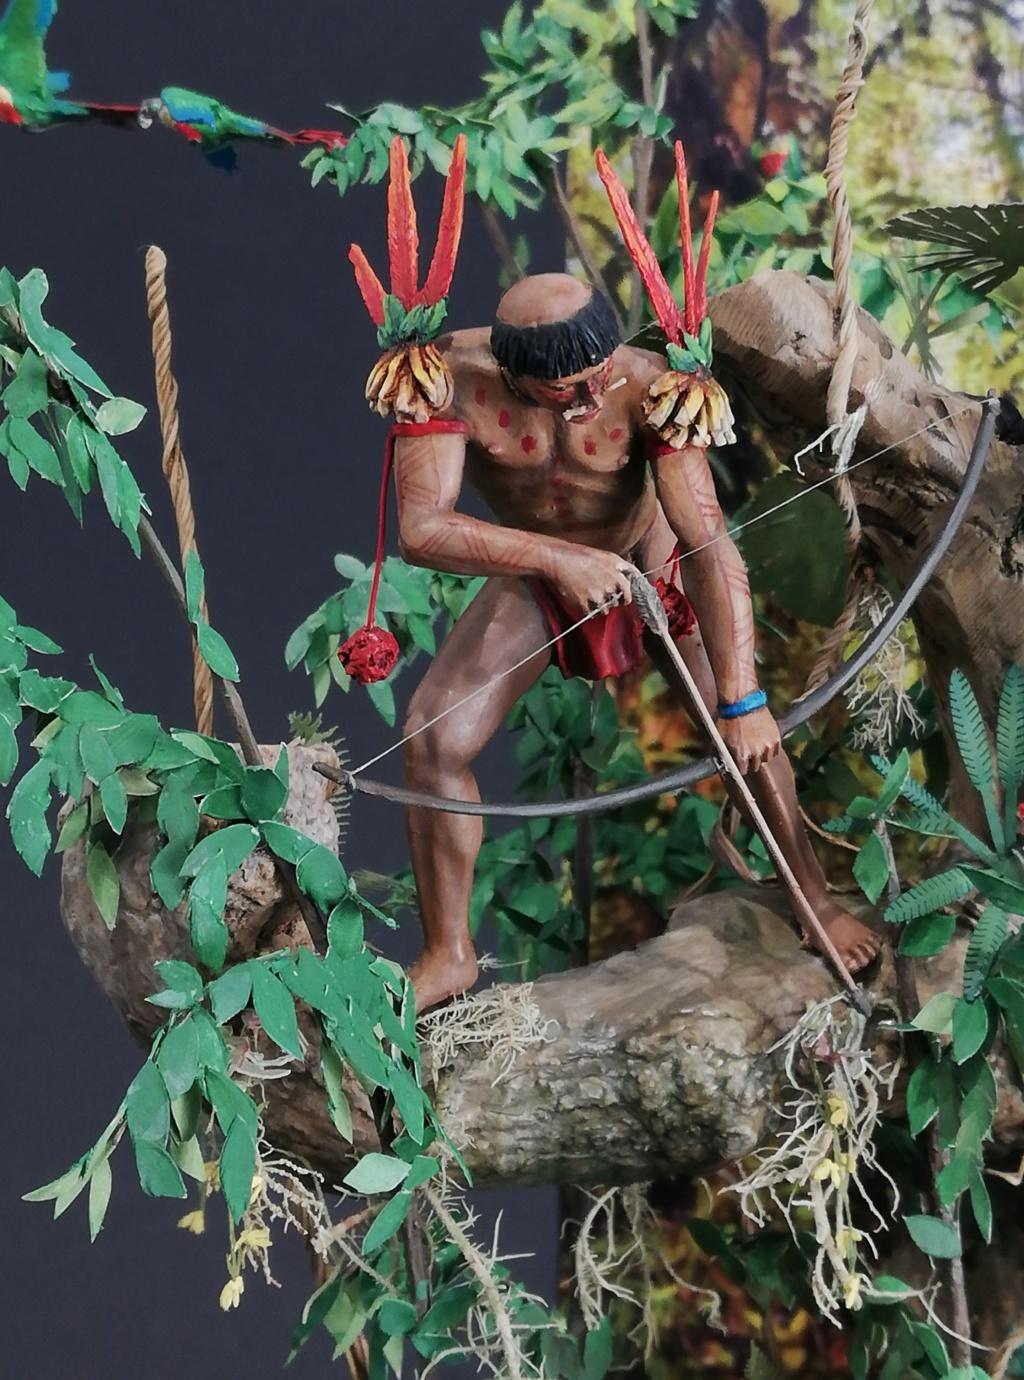 Indien Yanomani - Pièce terminée, dernières photos - Page 2 Yano_317